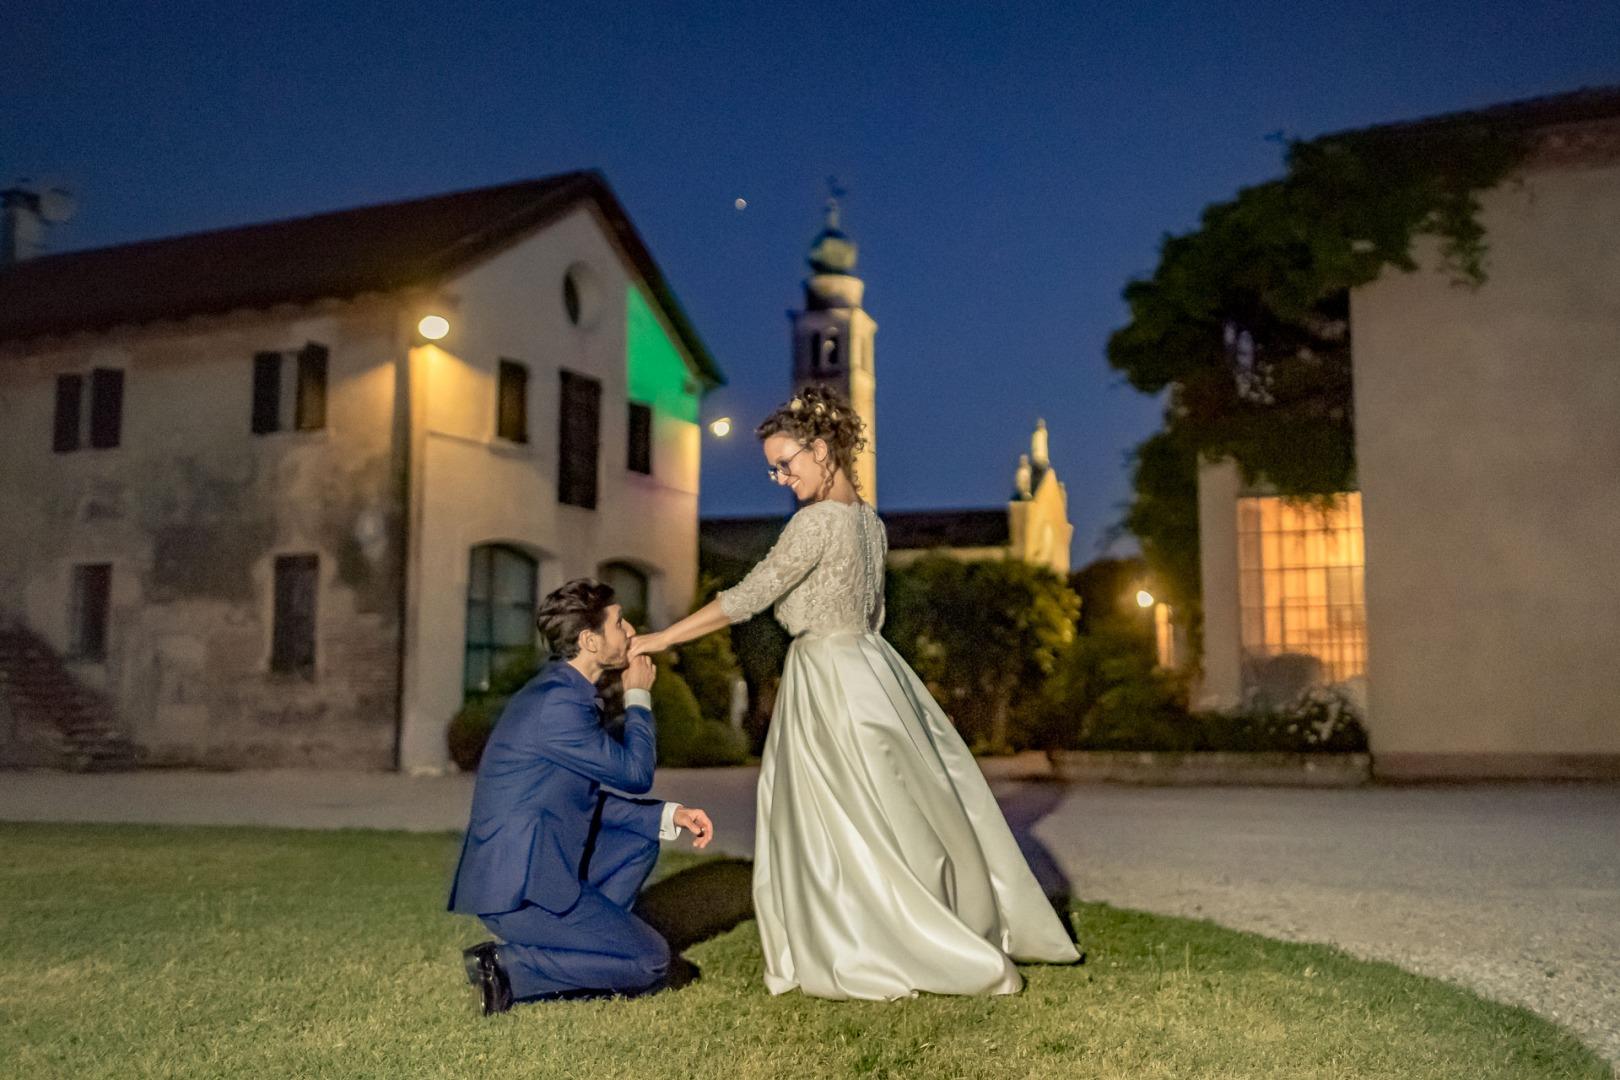 nicola-da-lio-wedding-photographer-venezia-treviso-padova-veneto-italia-159